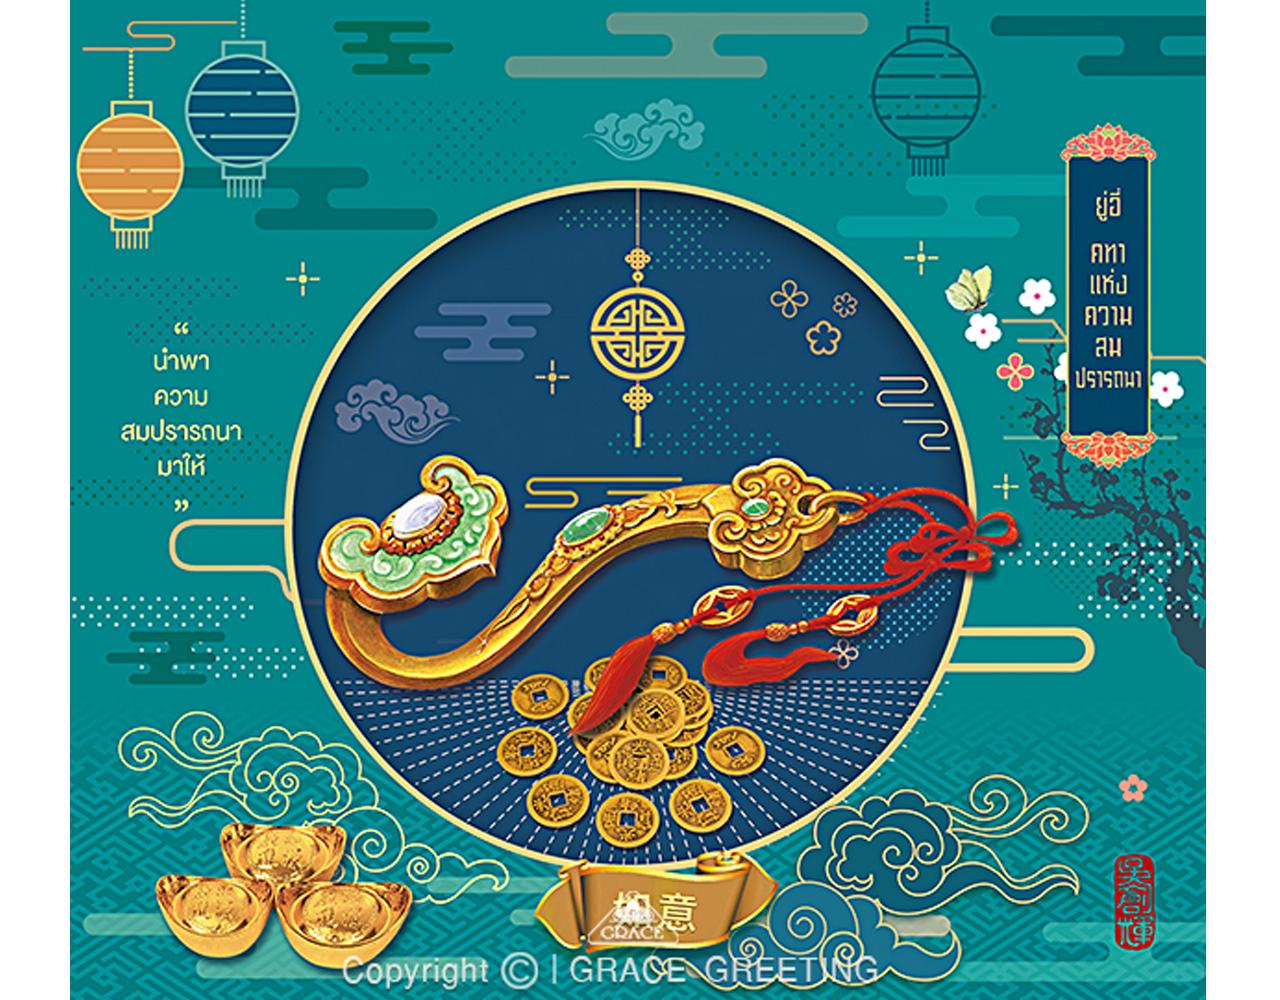 ปฏิทินตั้งโต๊ะ ปี 2562 CT.6210 มงคลจีน 2019 Aug